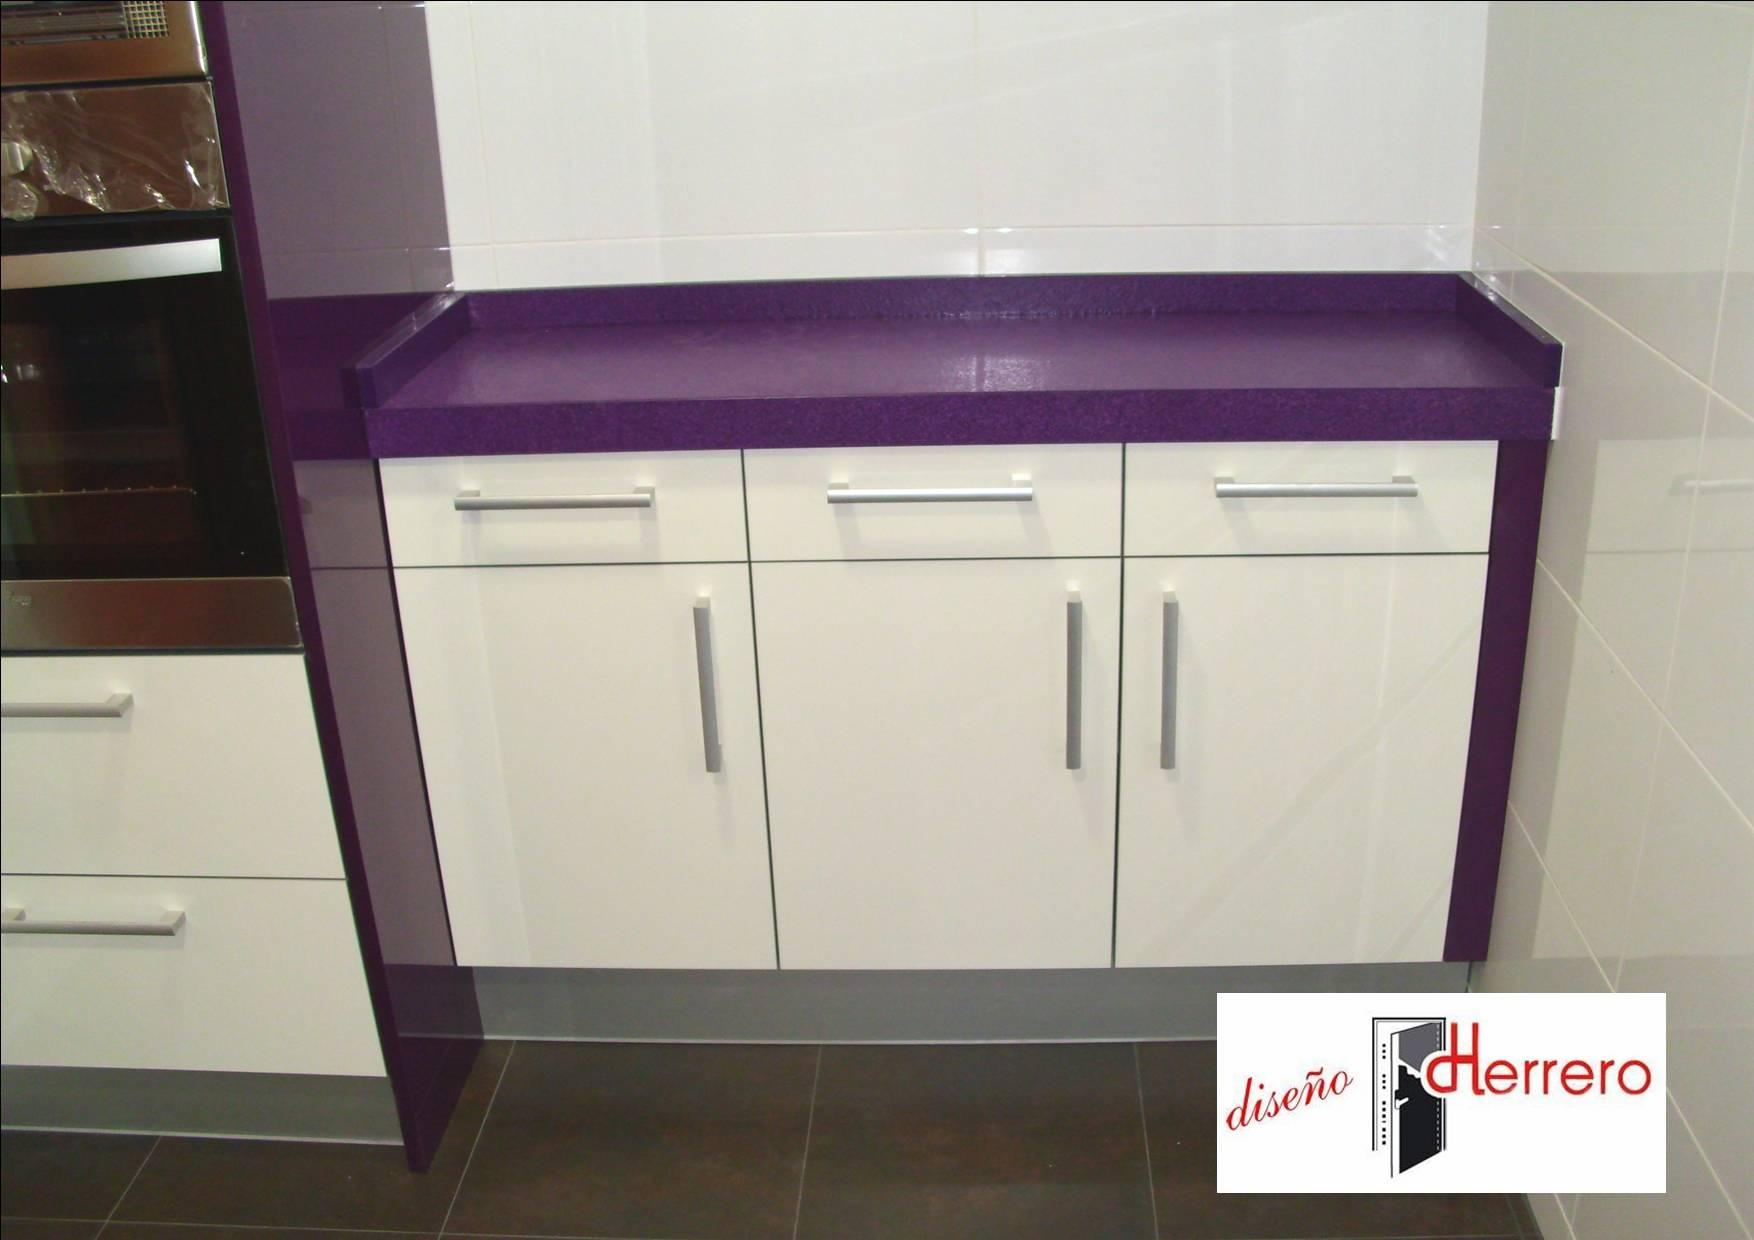 La cocina de color lila datos curiosos del color morado - Cocina color lila ...